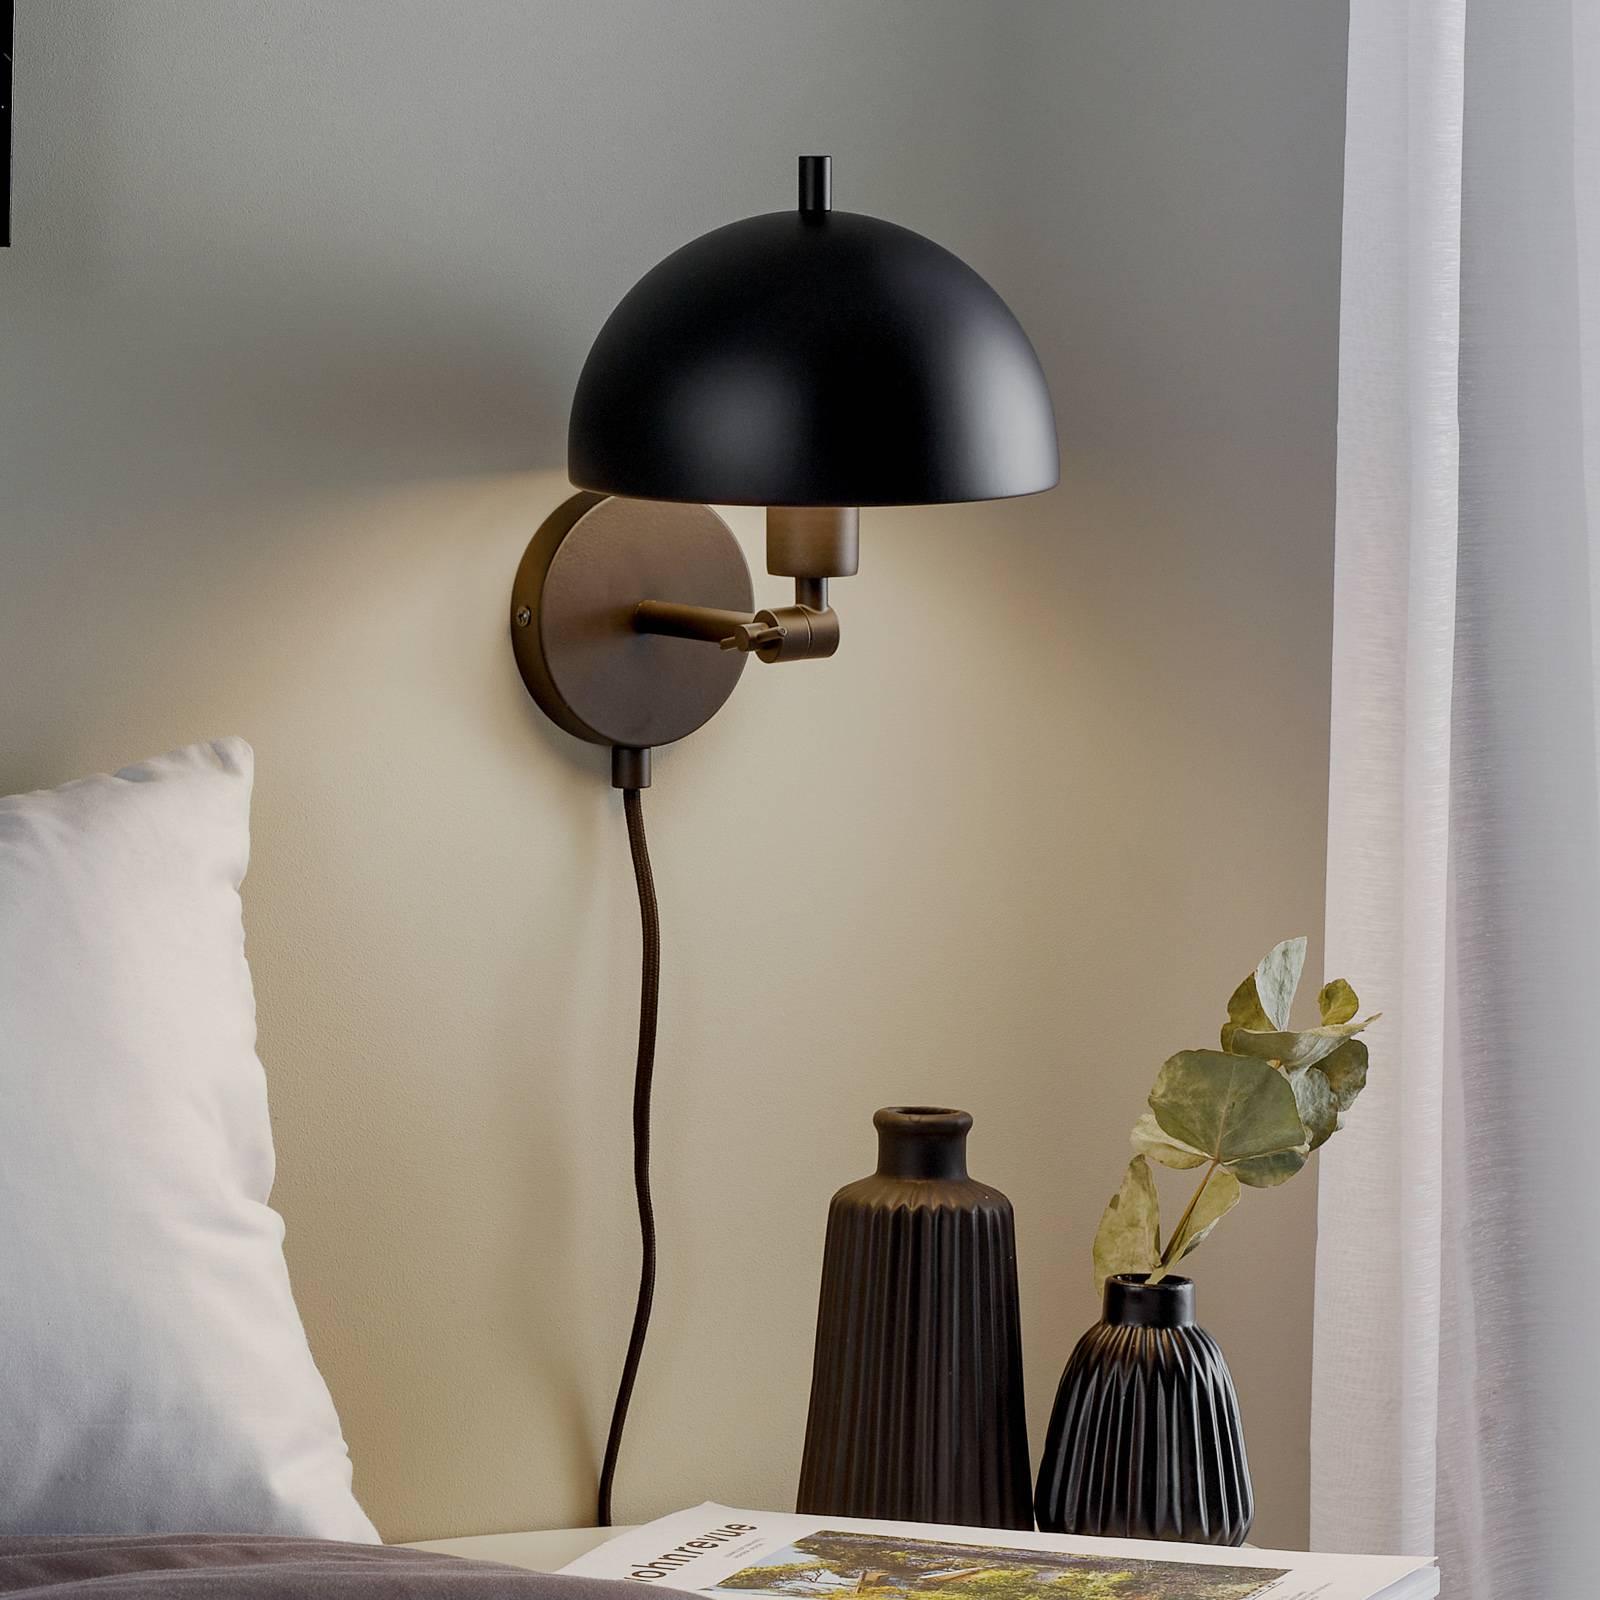 Schöner Wohnen Kia -seinälamppu musta, kääntyvä